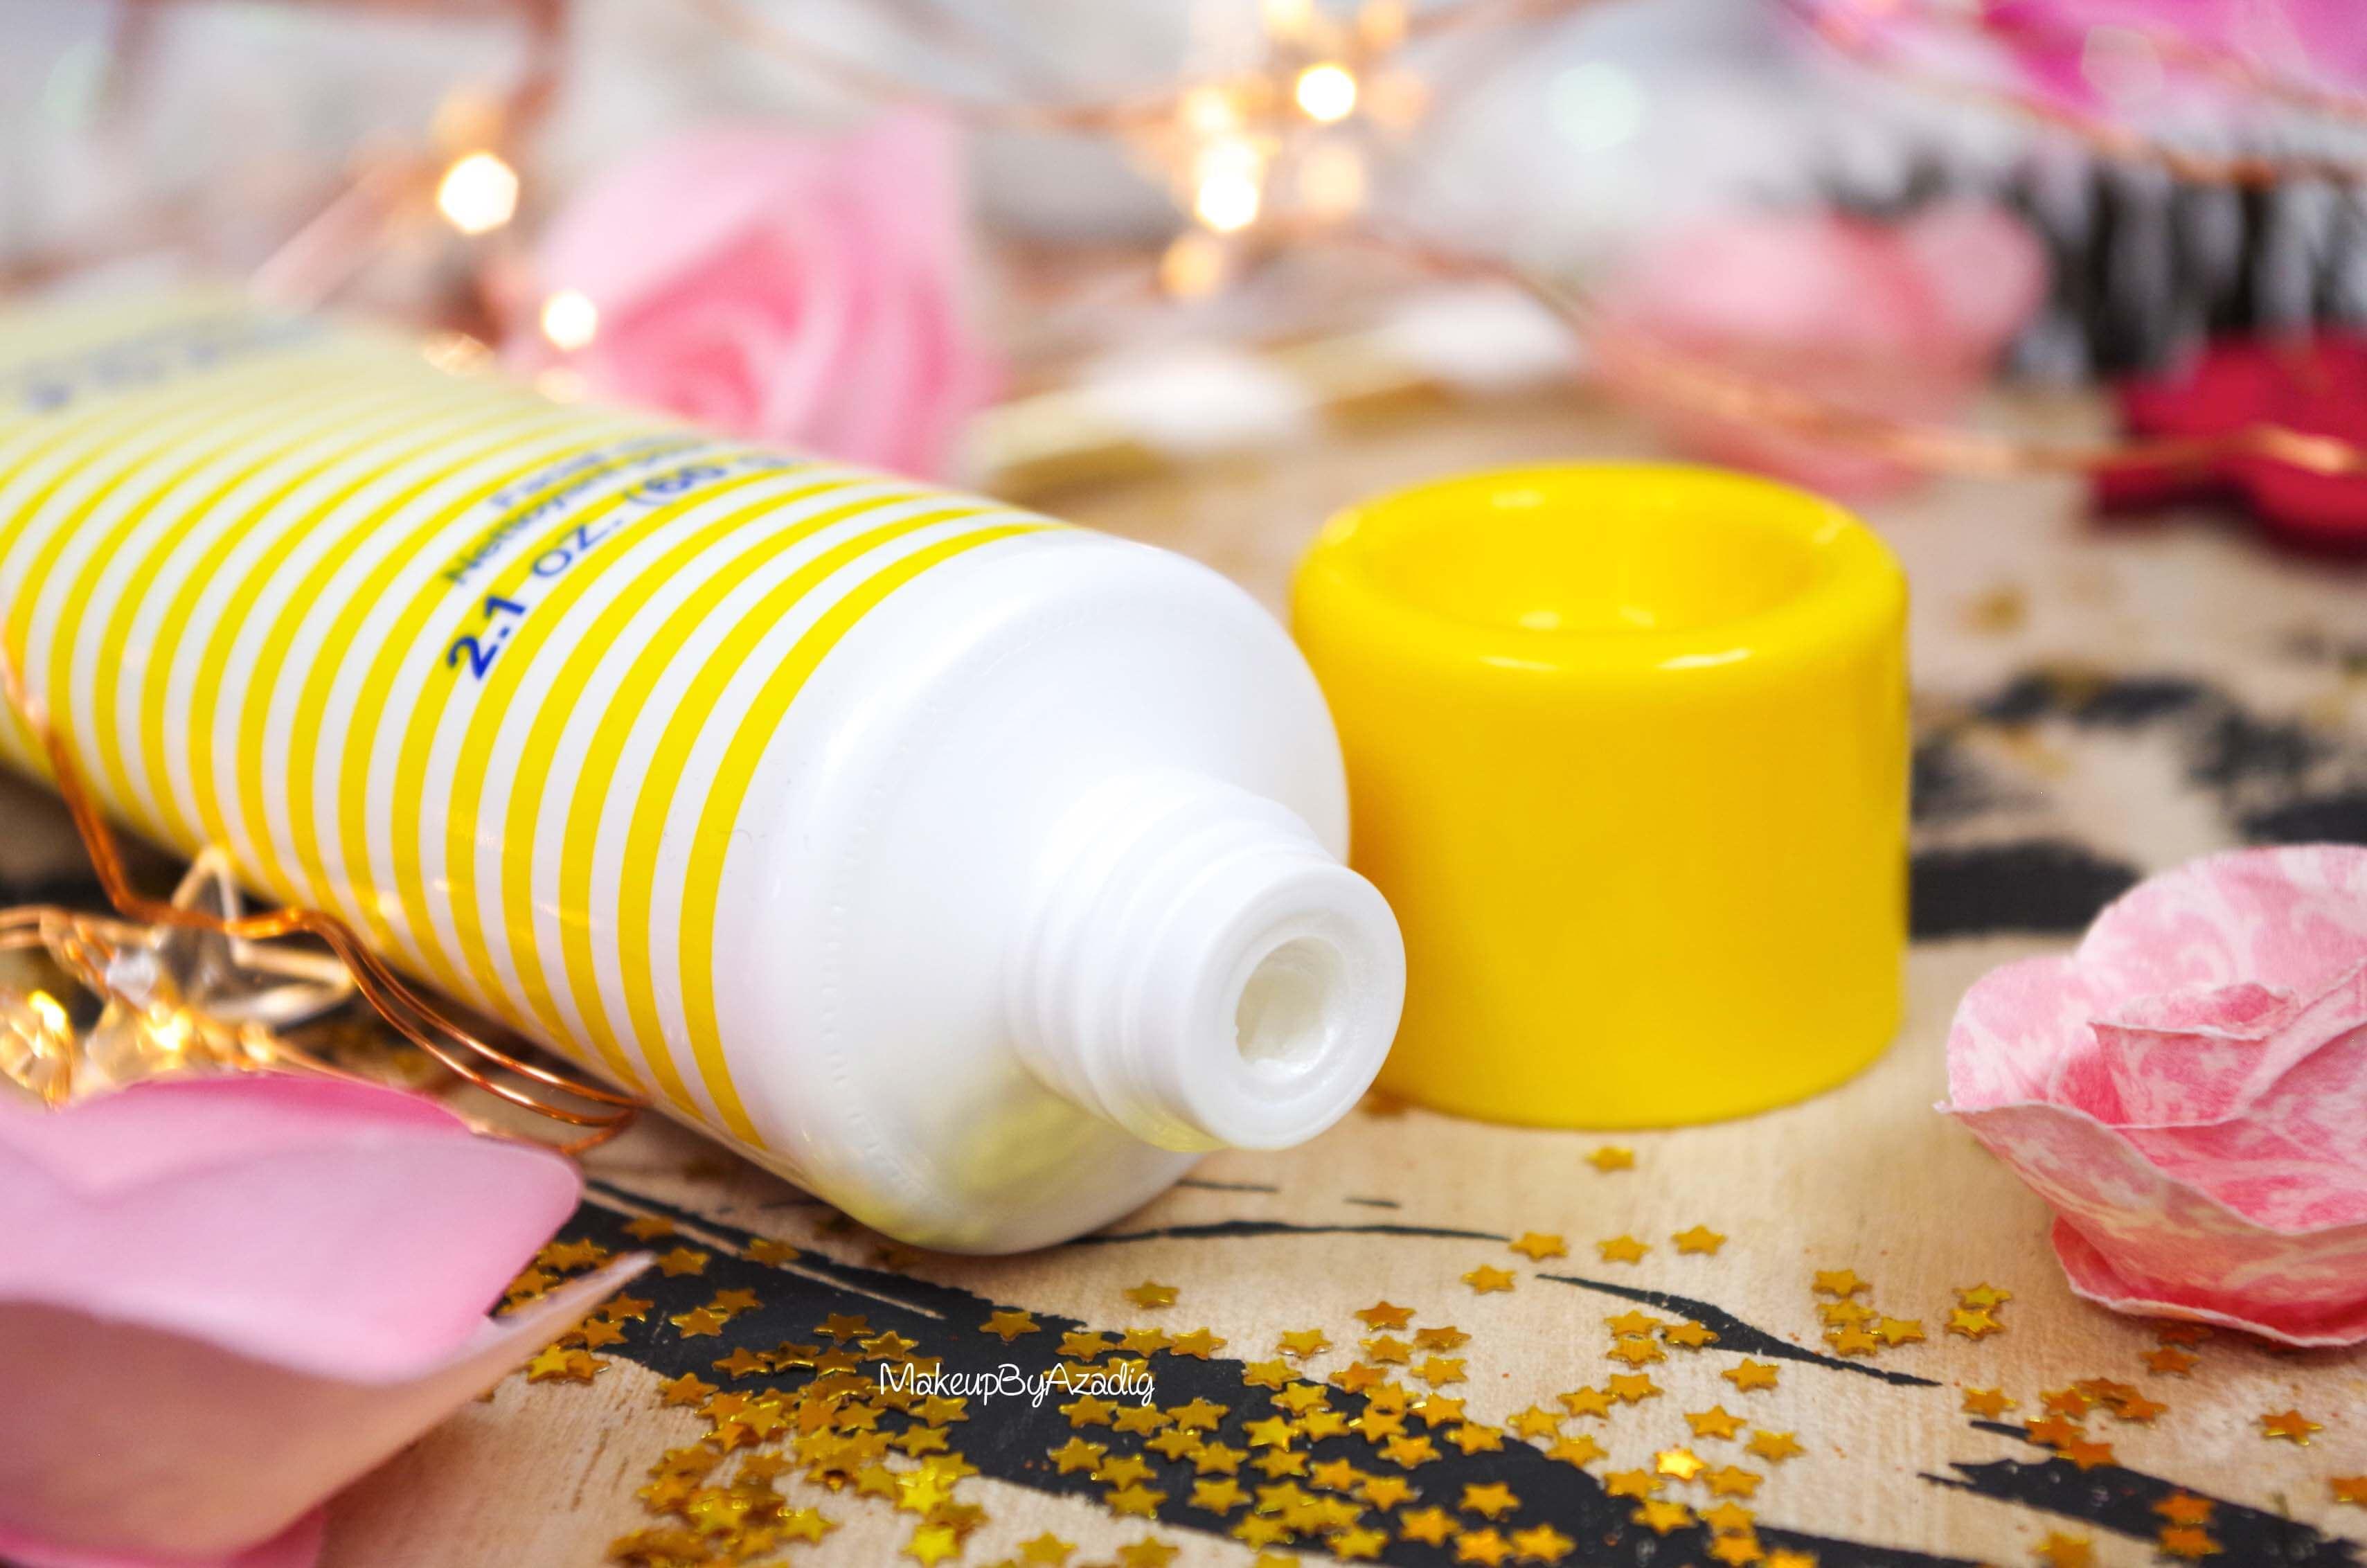 revue-review-cleansing-foam-creme-nettoyante-dhc-monoprix-parapharmacie-prix-avis-makeupbyazadig-texture